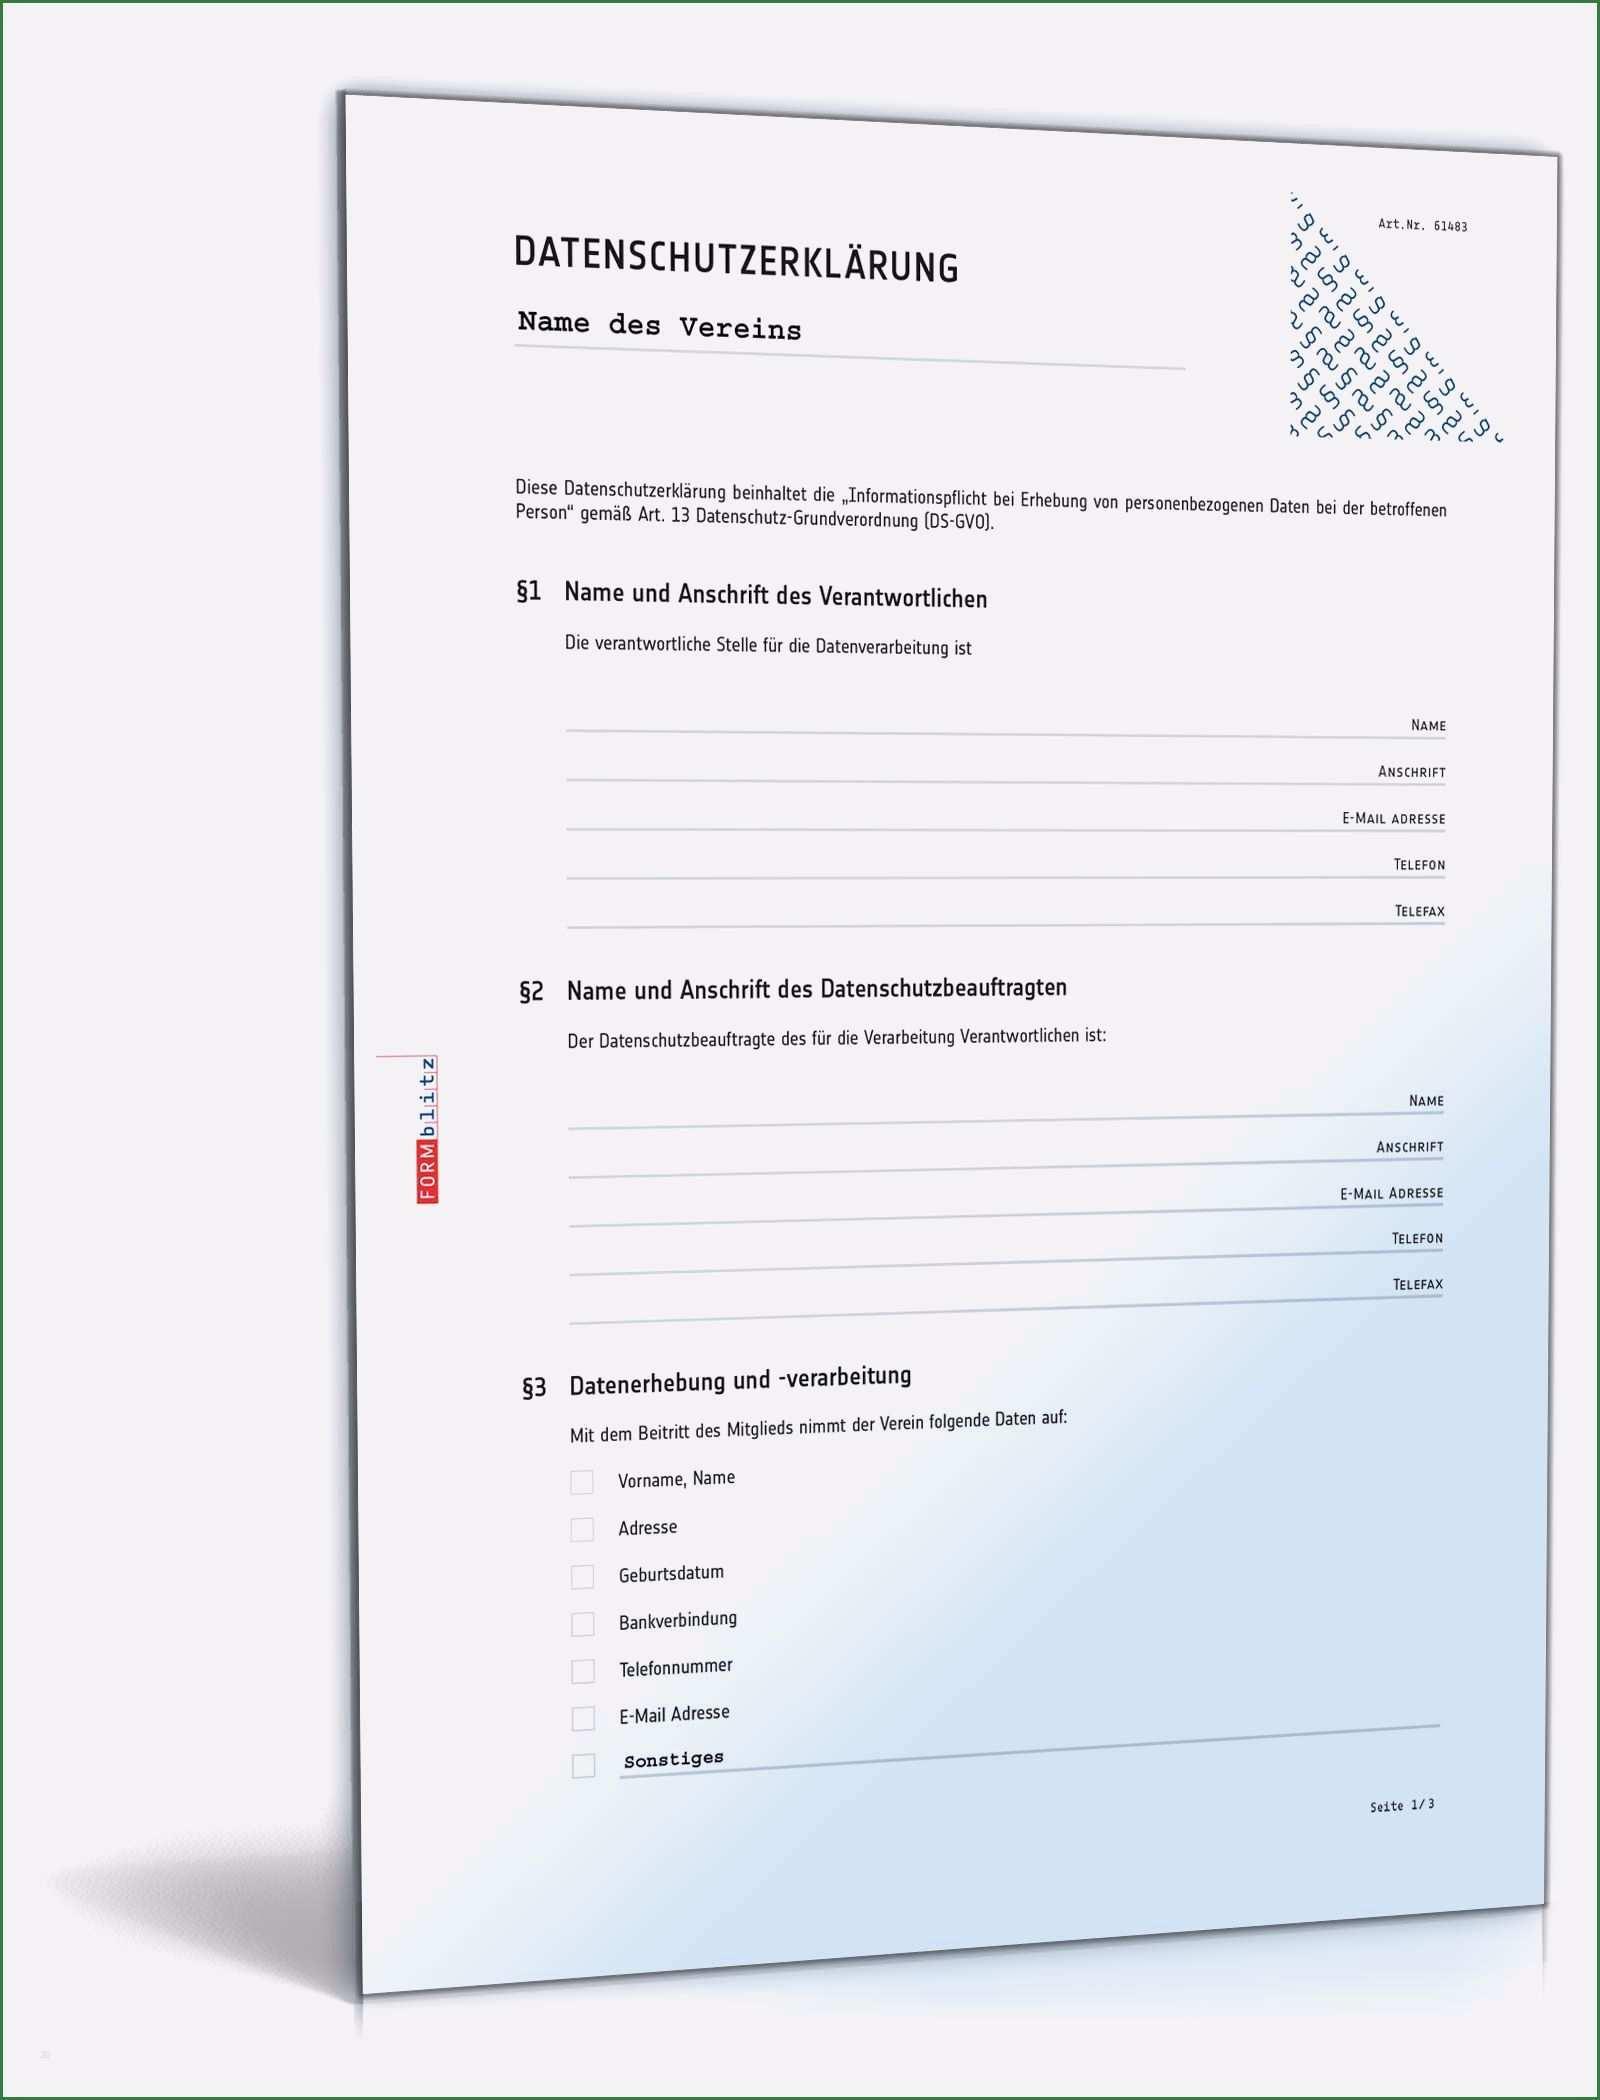 Datenschutzerklaerung Muster Ihk